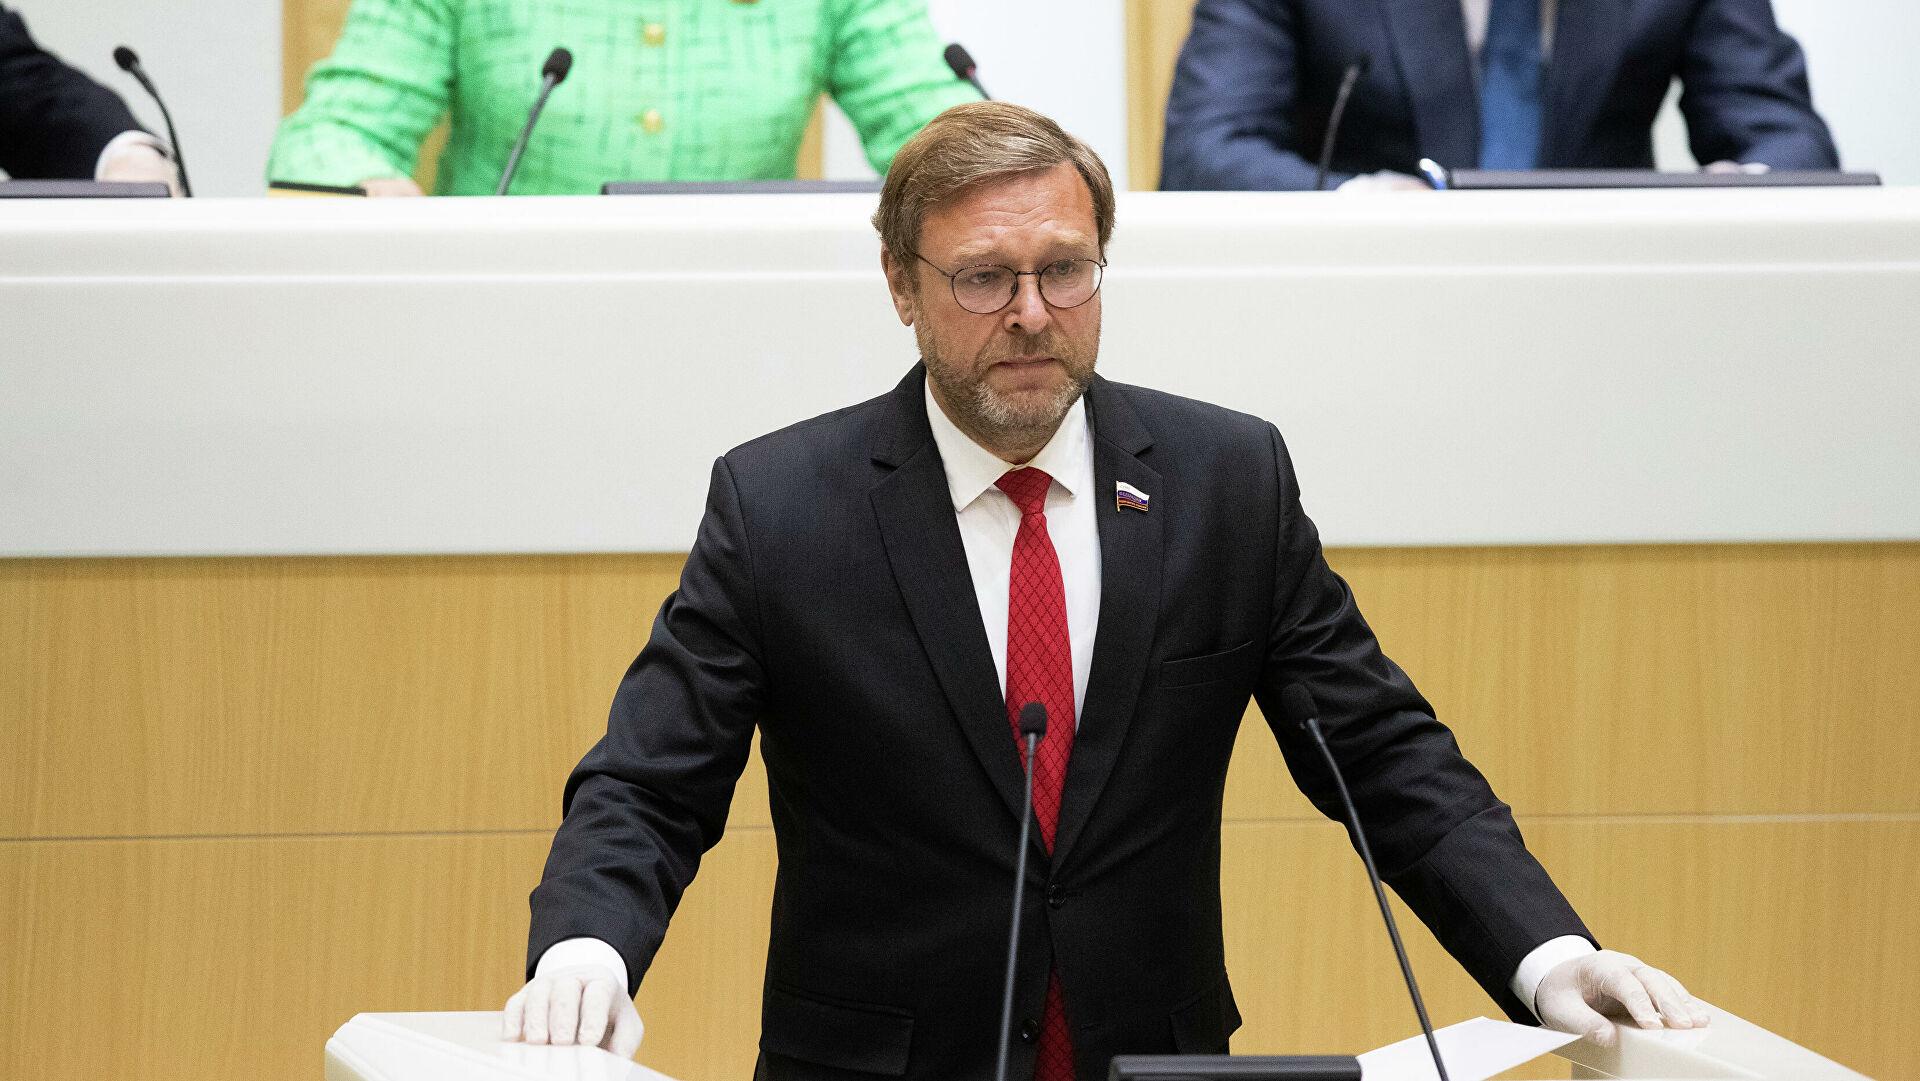 Косачoв: Естонски парламент и њему слични требали би схватити да је `ефикасна политика санкција` заобилазећи УН агресивна спољна политика у свом најчишћем облику